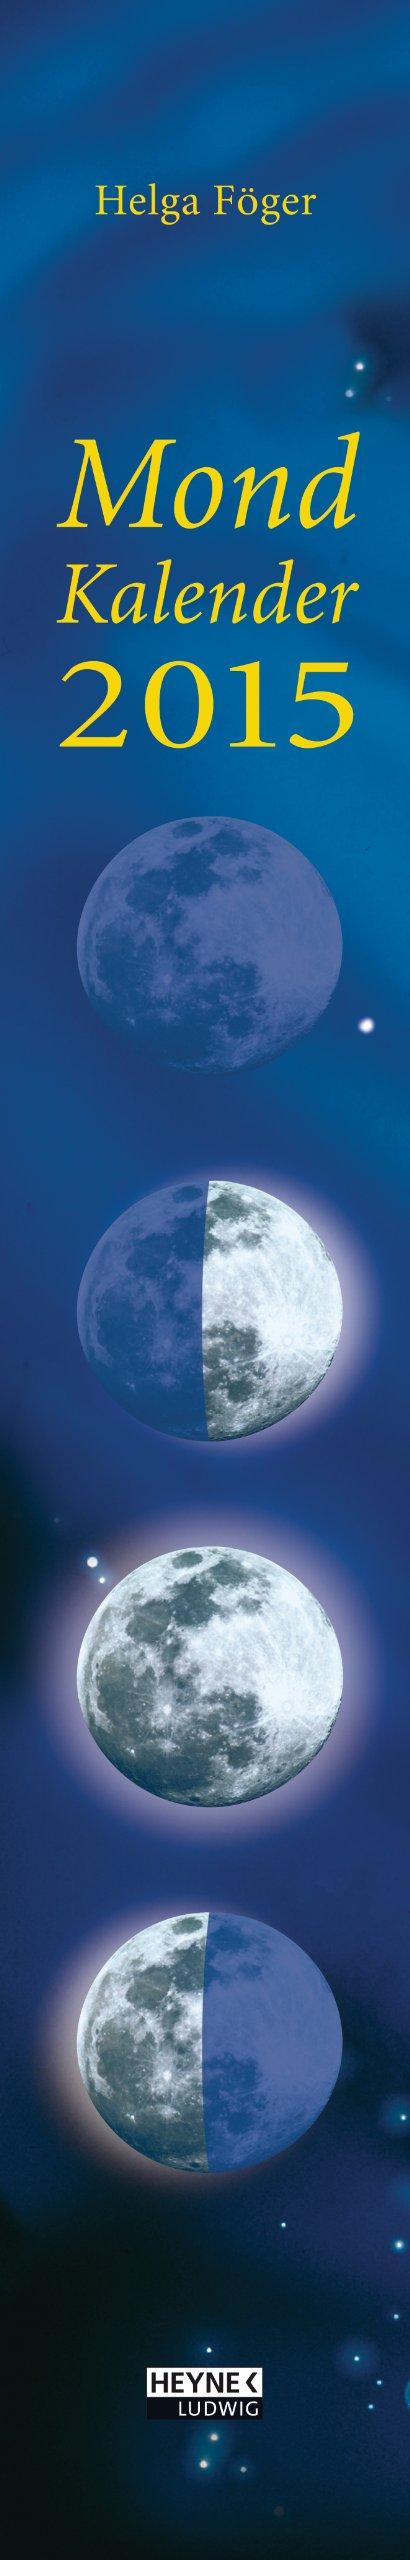 Mondkalender 2015 Wand-Streifenkalender: Mond-Streifenkalender (Wandkalender)